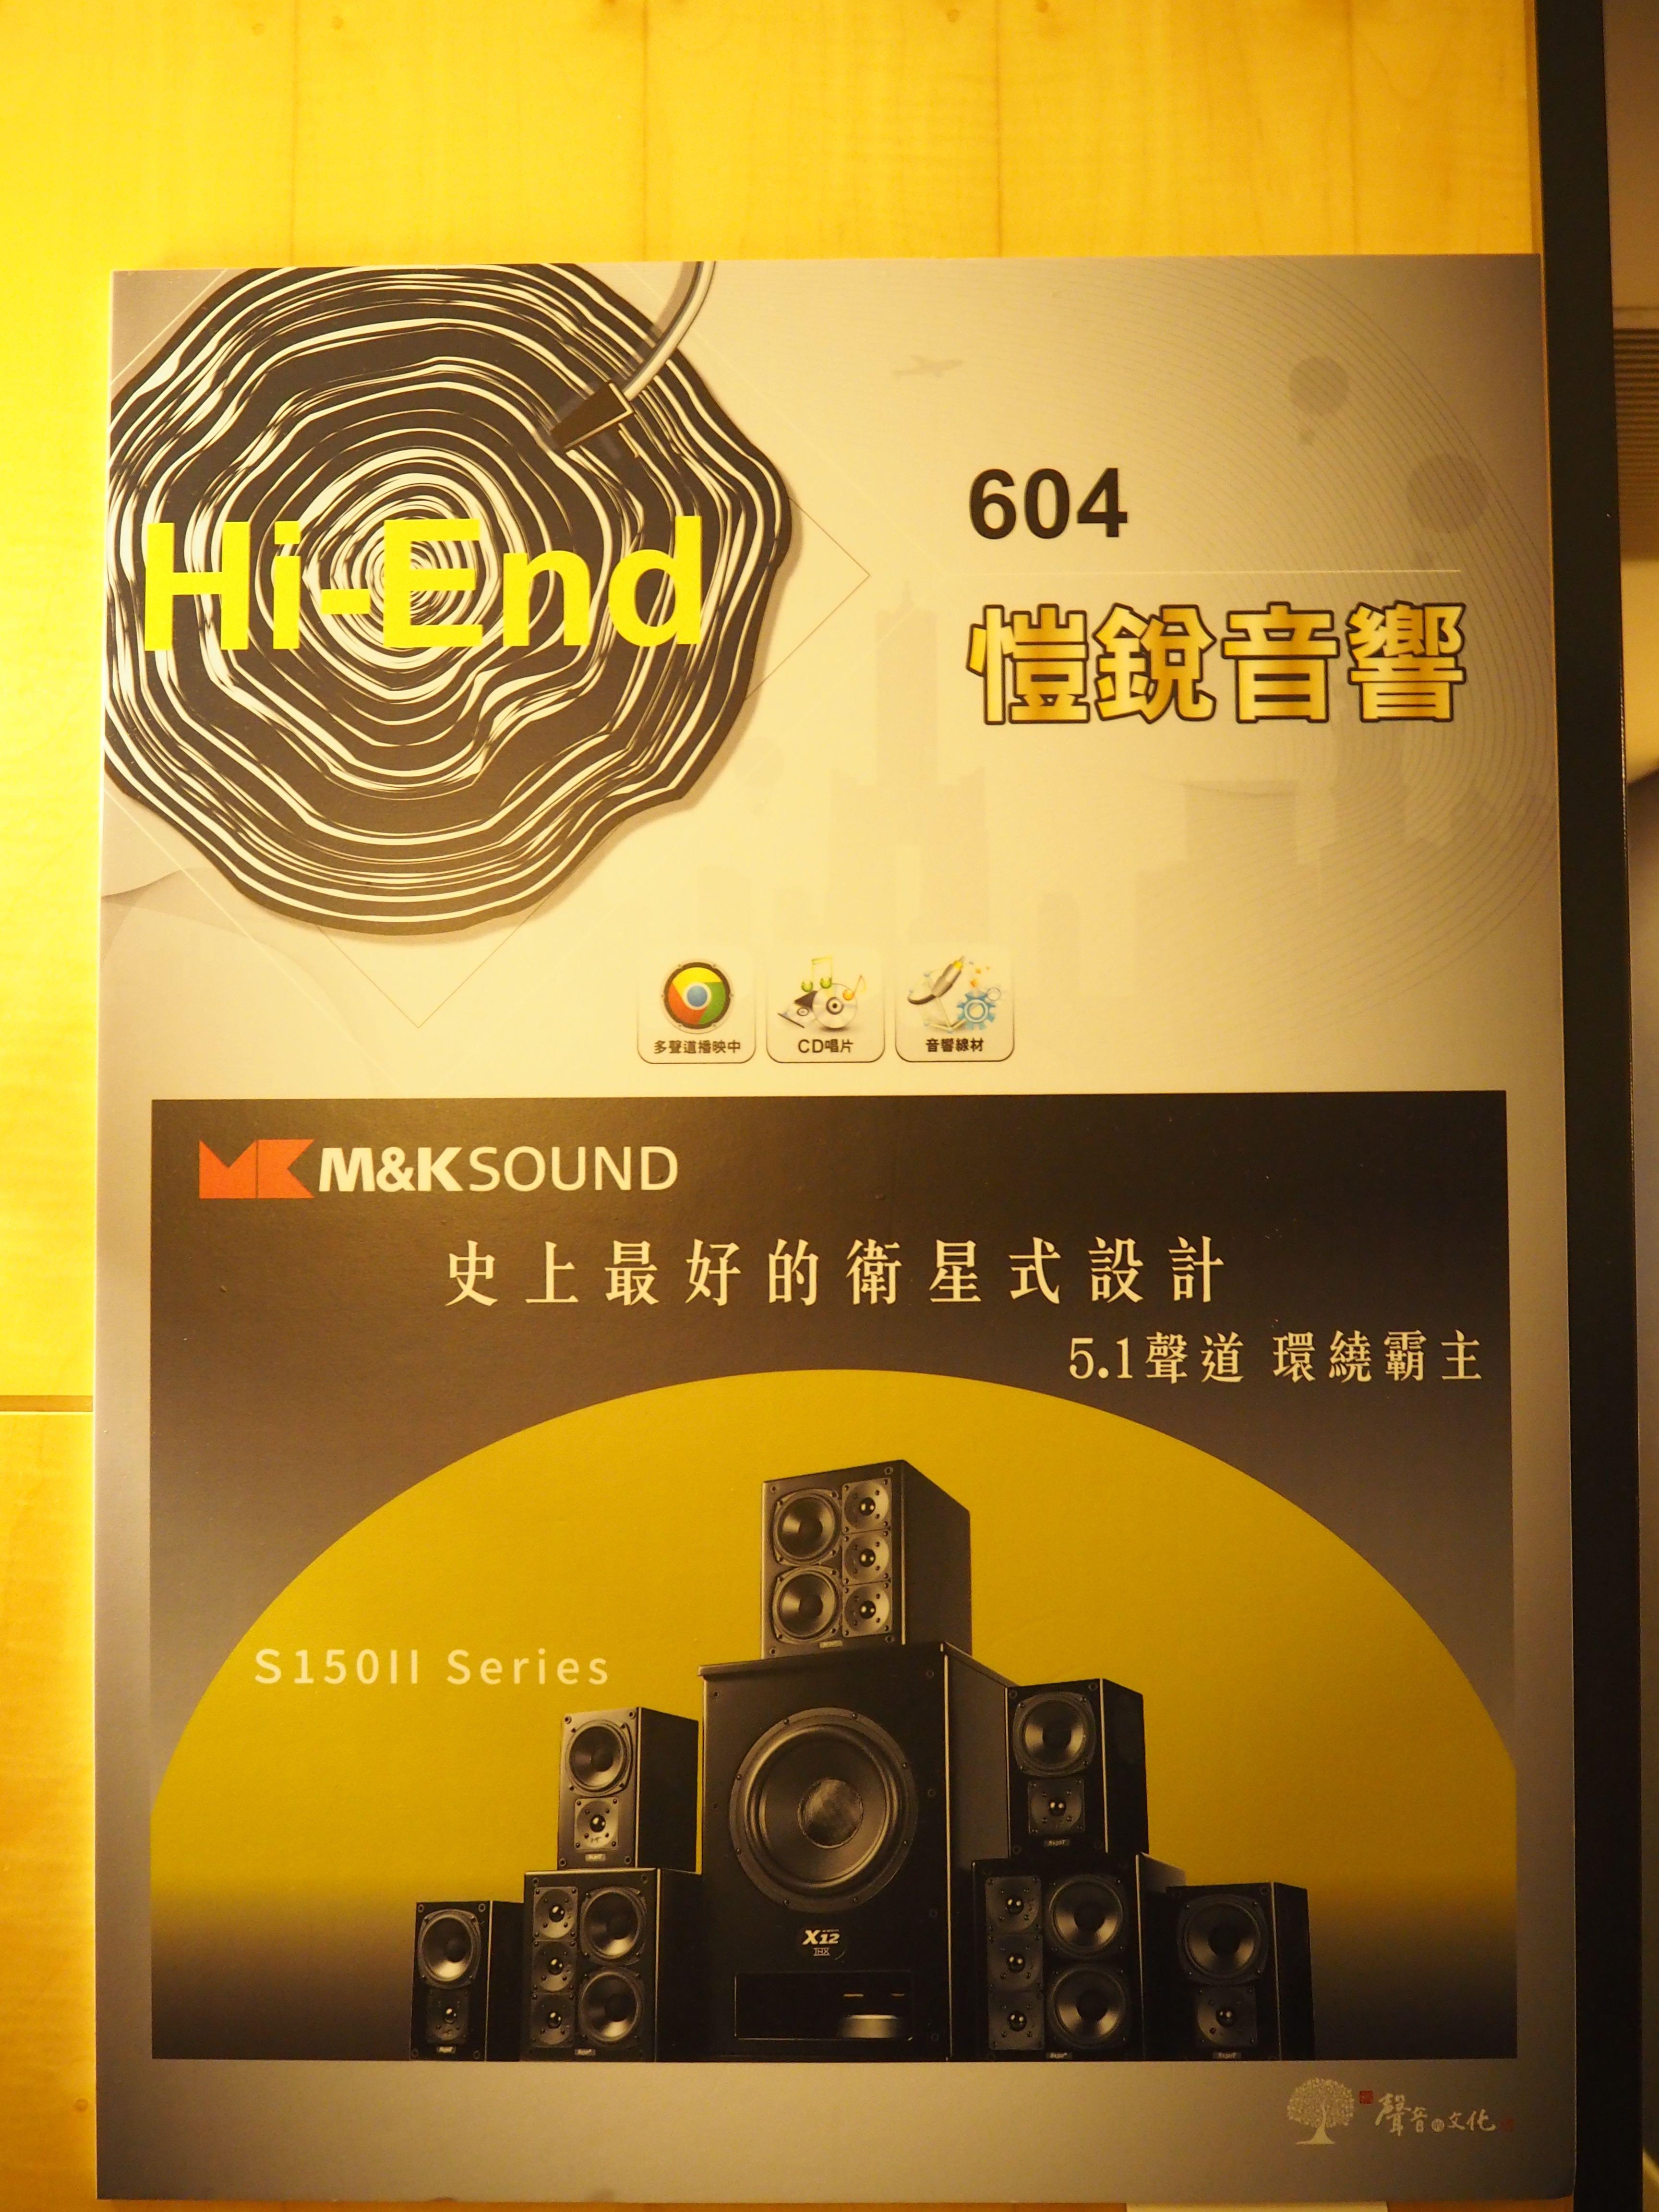 2017高雄音響展愷銳展房M&K SOUND S150 5.1系統展示